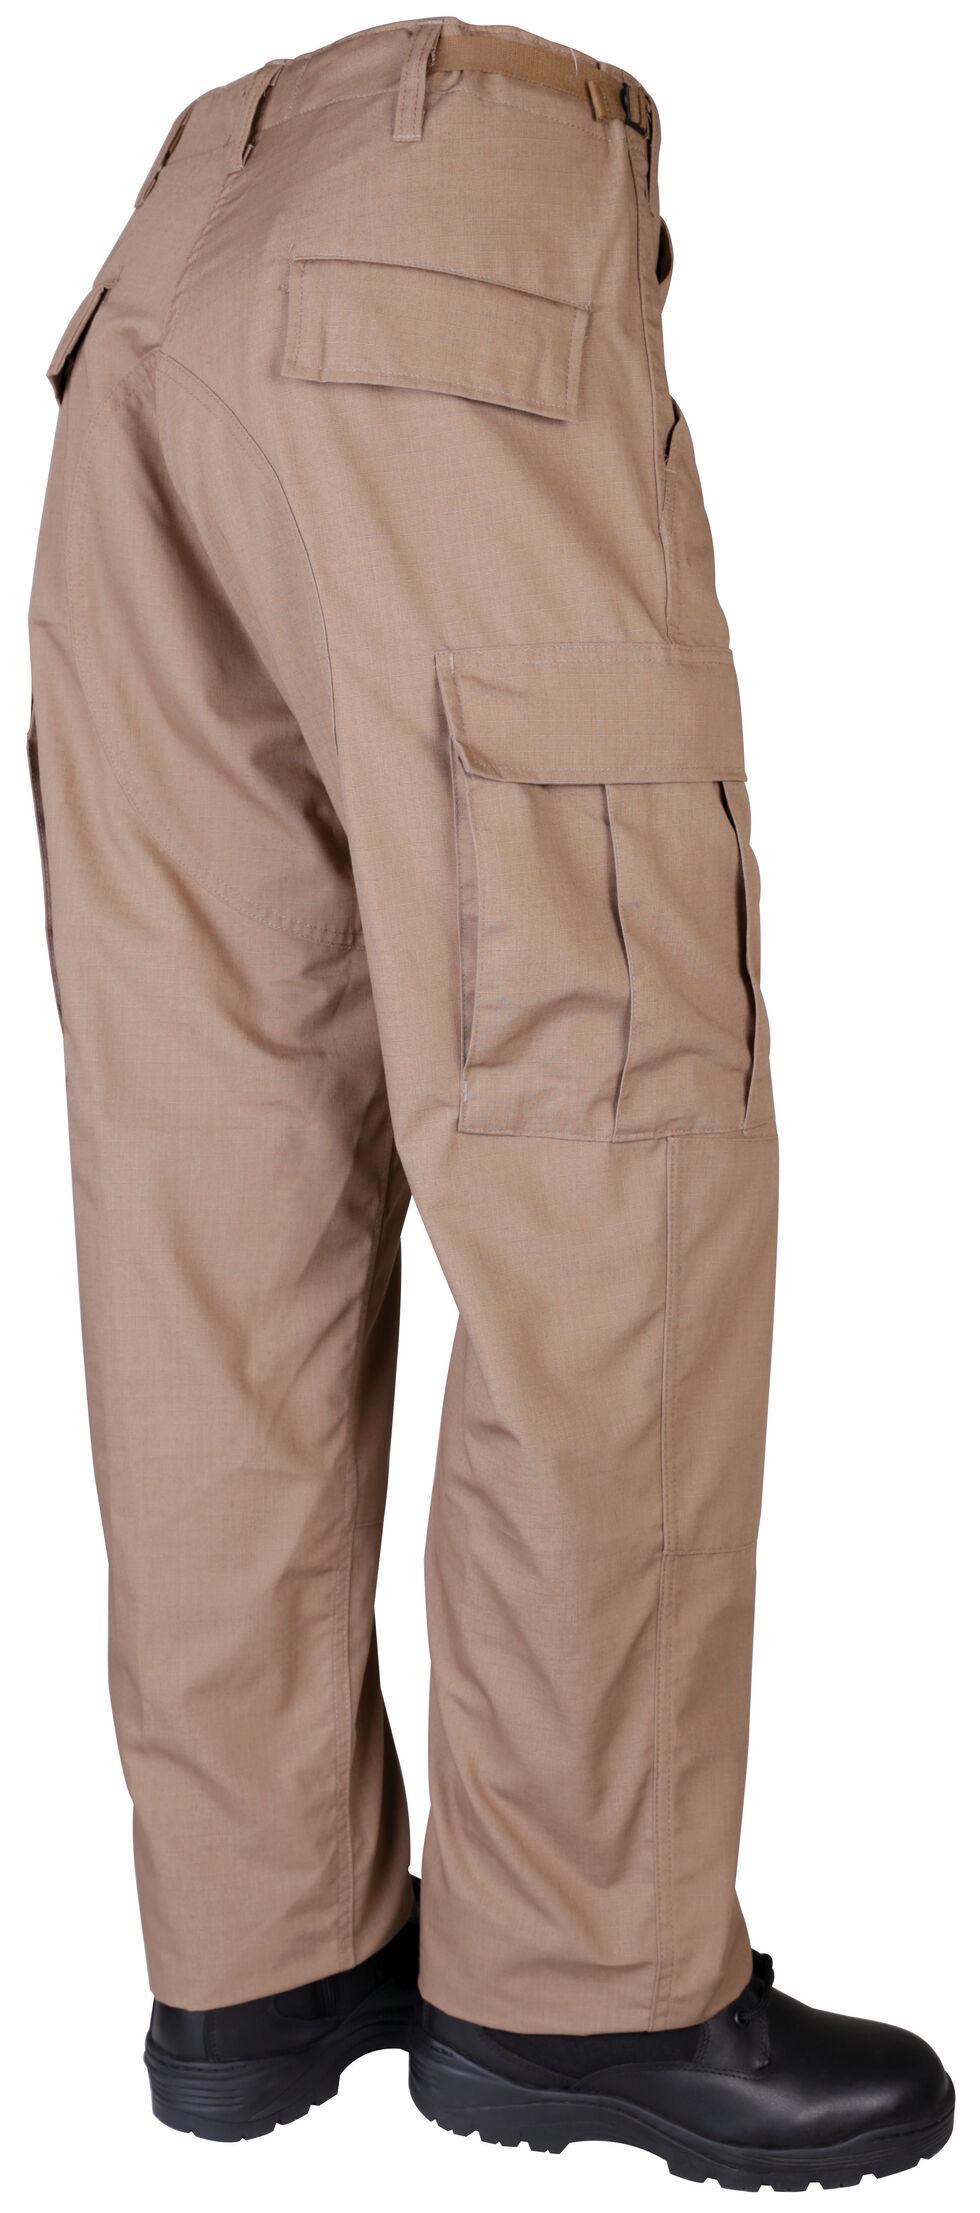 Tru-Spec Men's Tan BDU Pants , Tan, hi-res